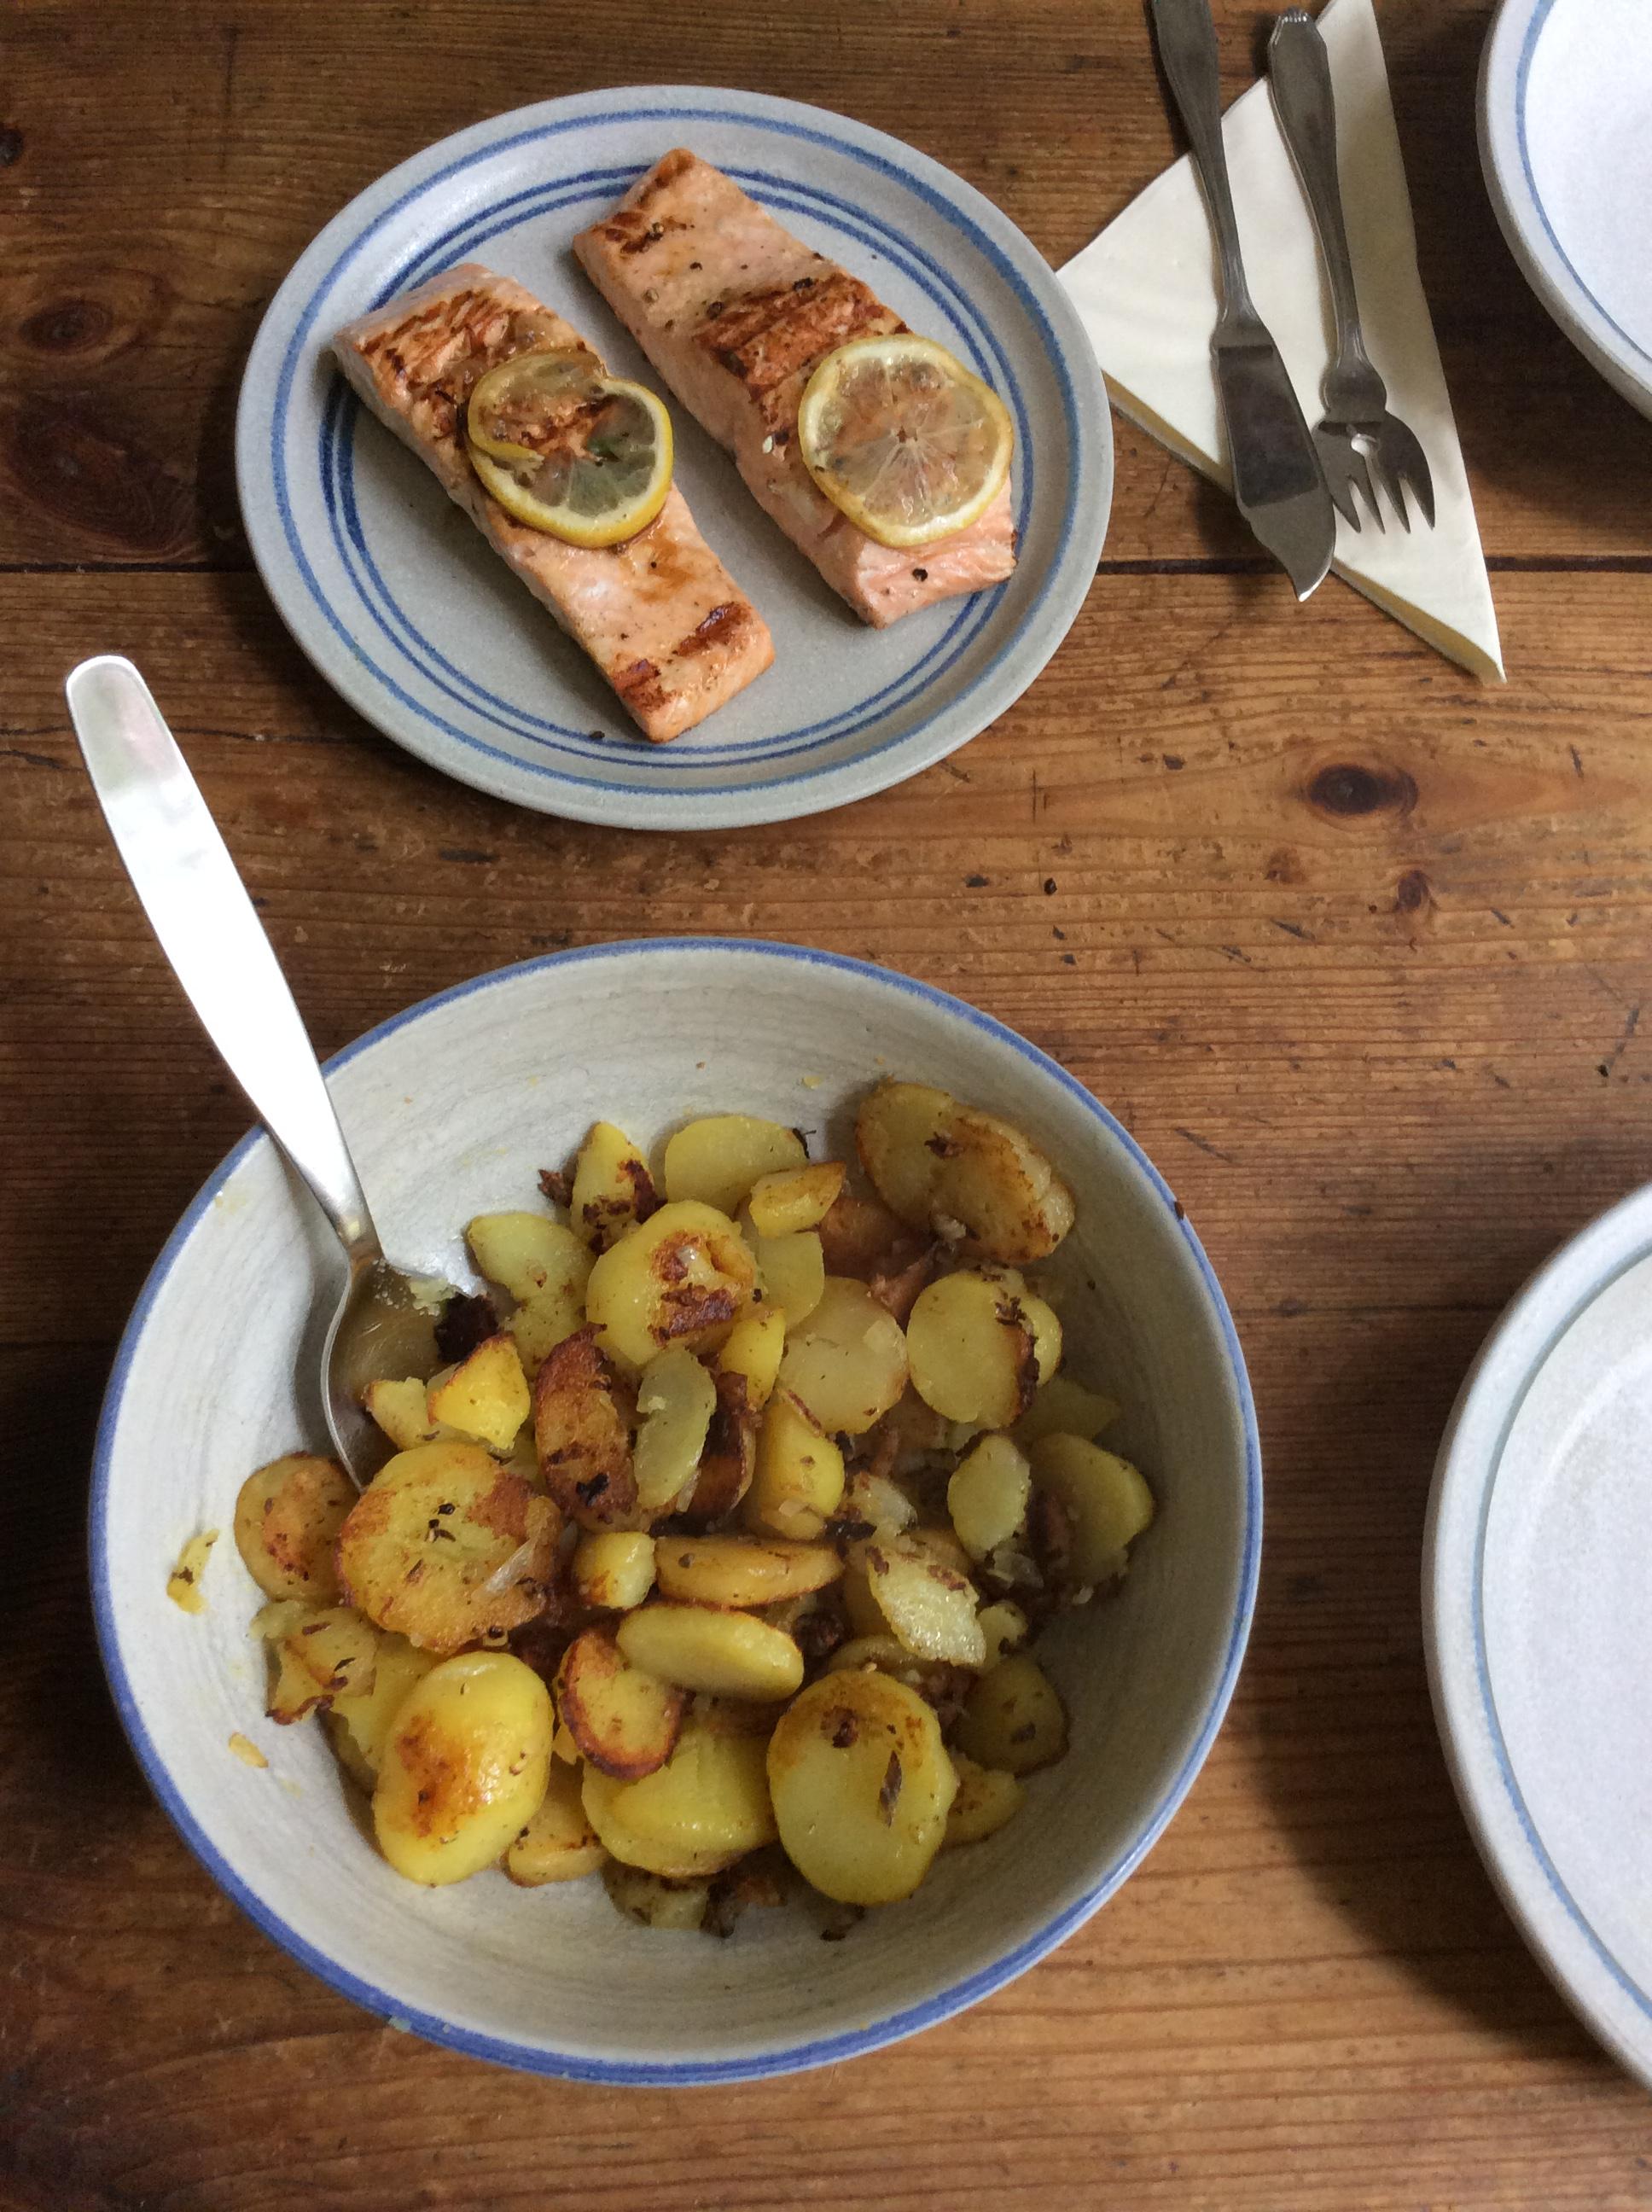 Lachs,Bratkartoffel,Salat. - 28.8.15   (7)